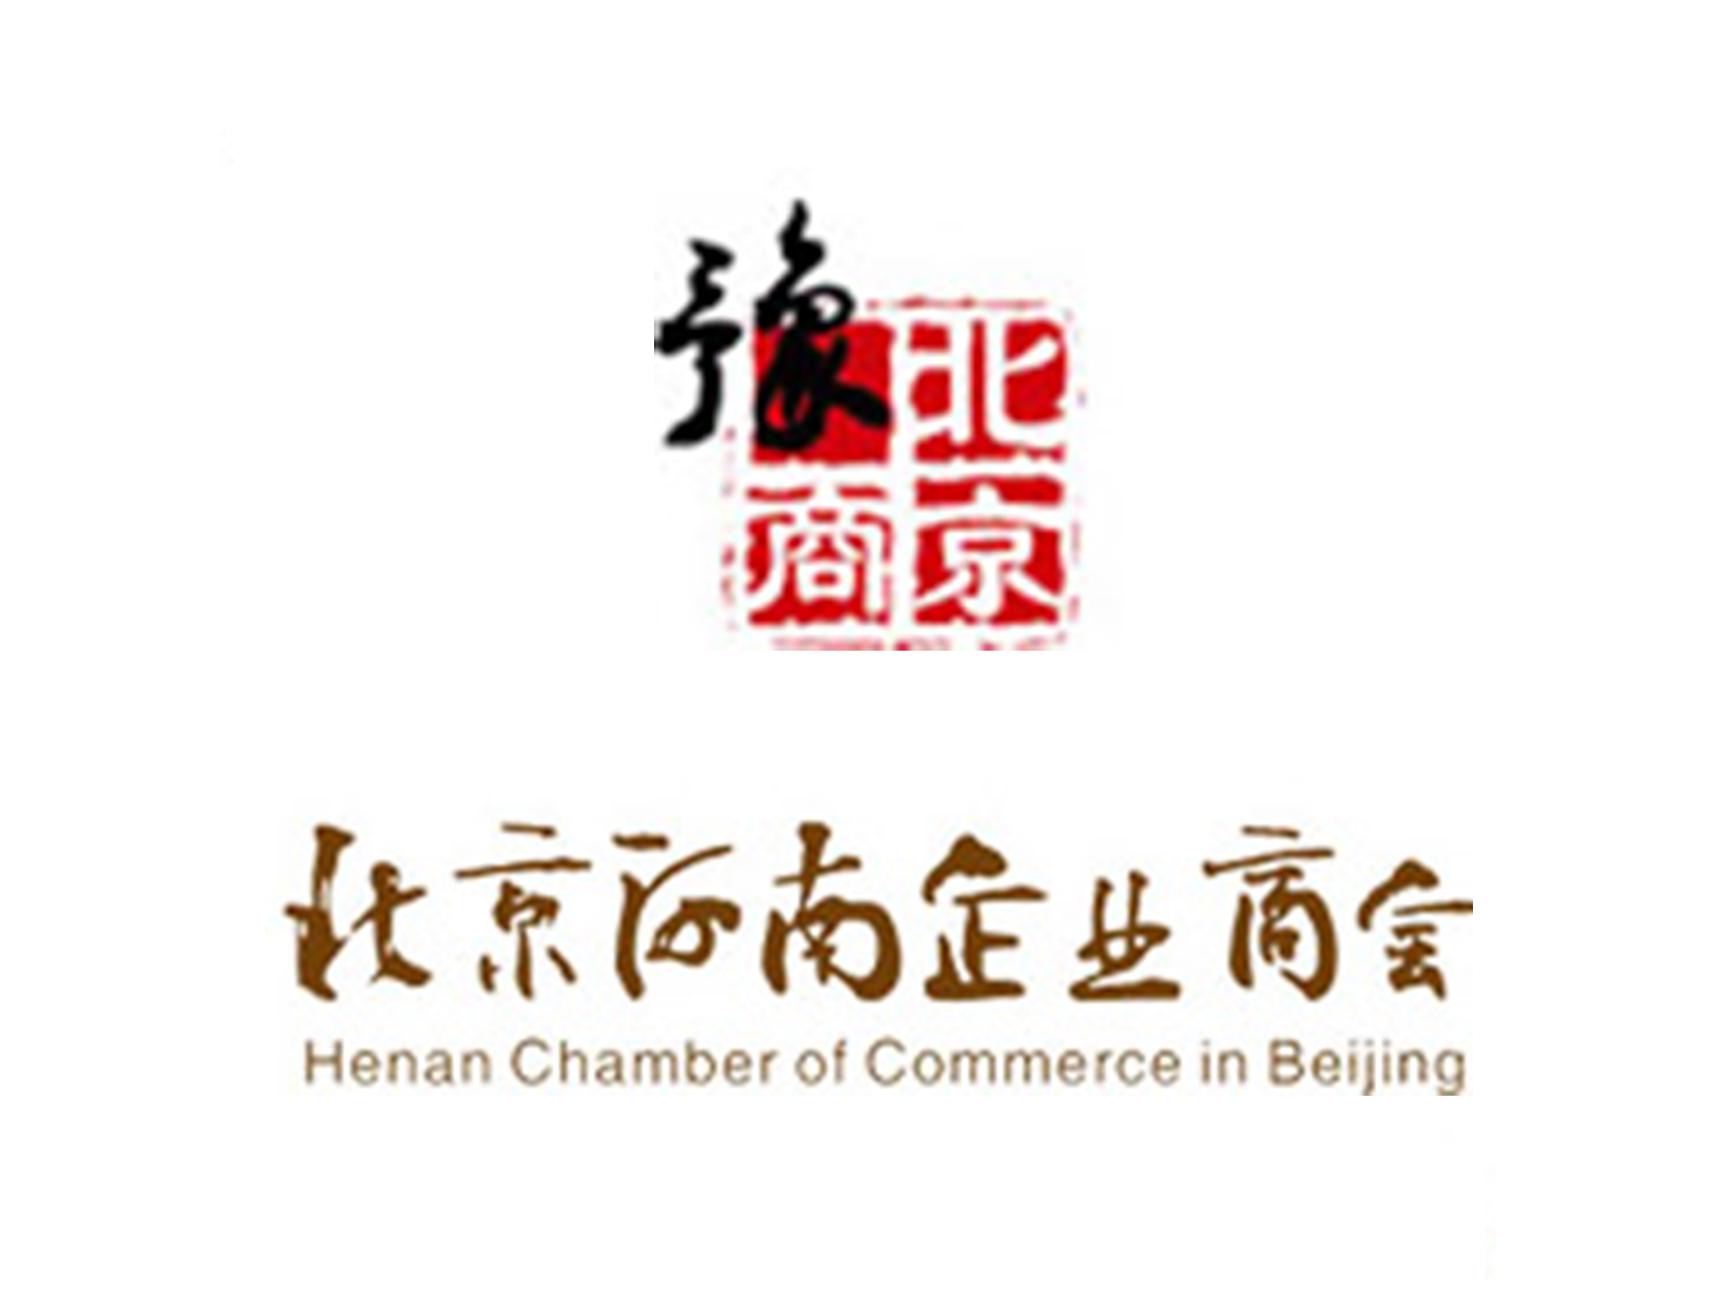 北京河南企业商会——共铸京豫繁荣